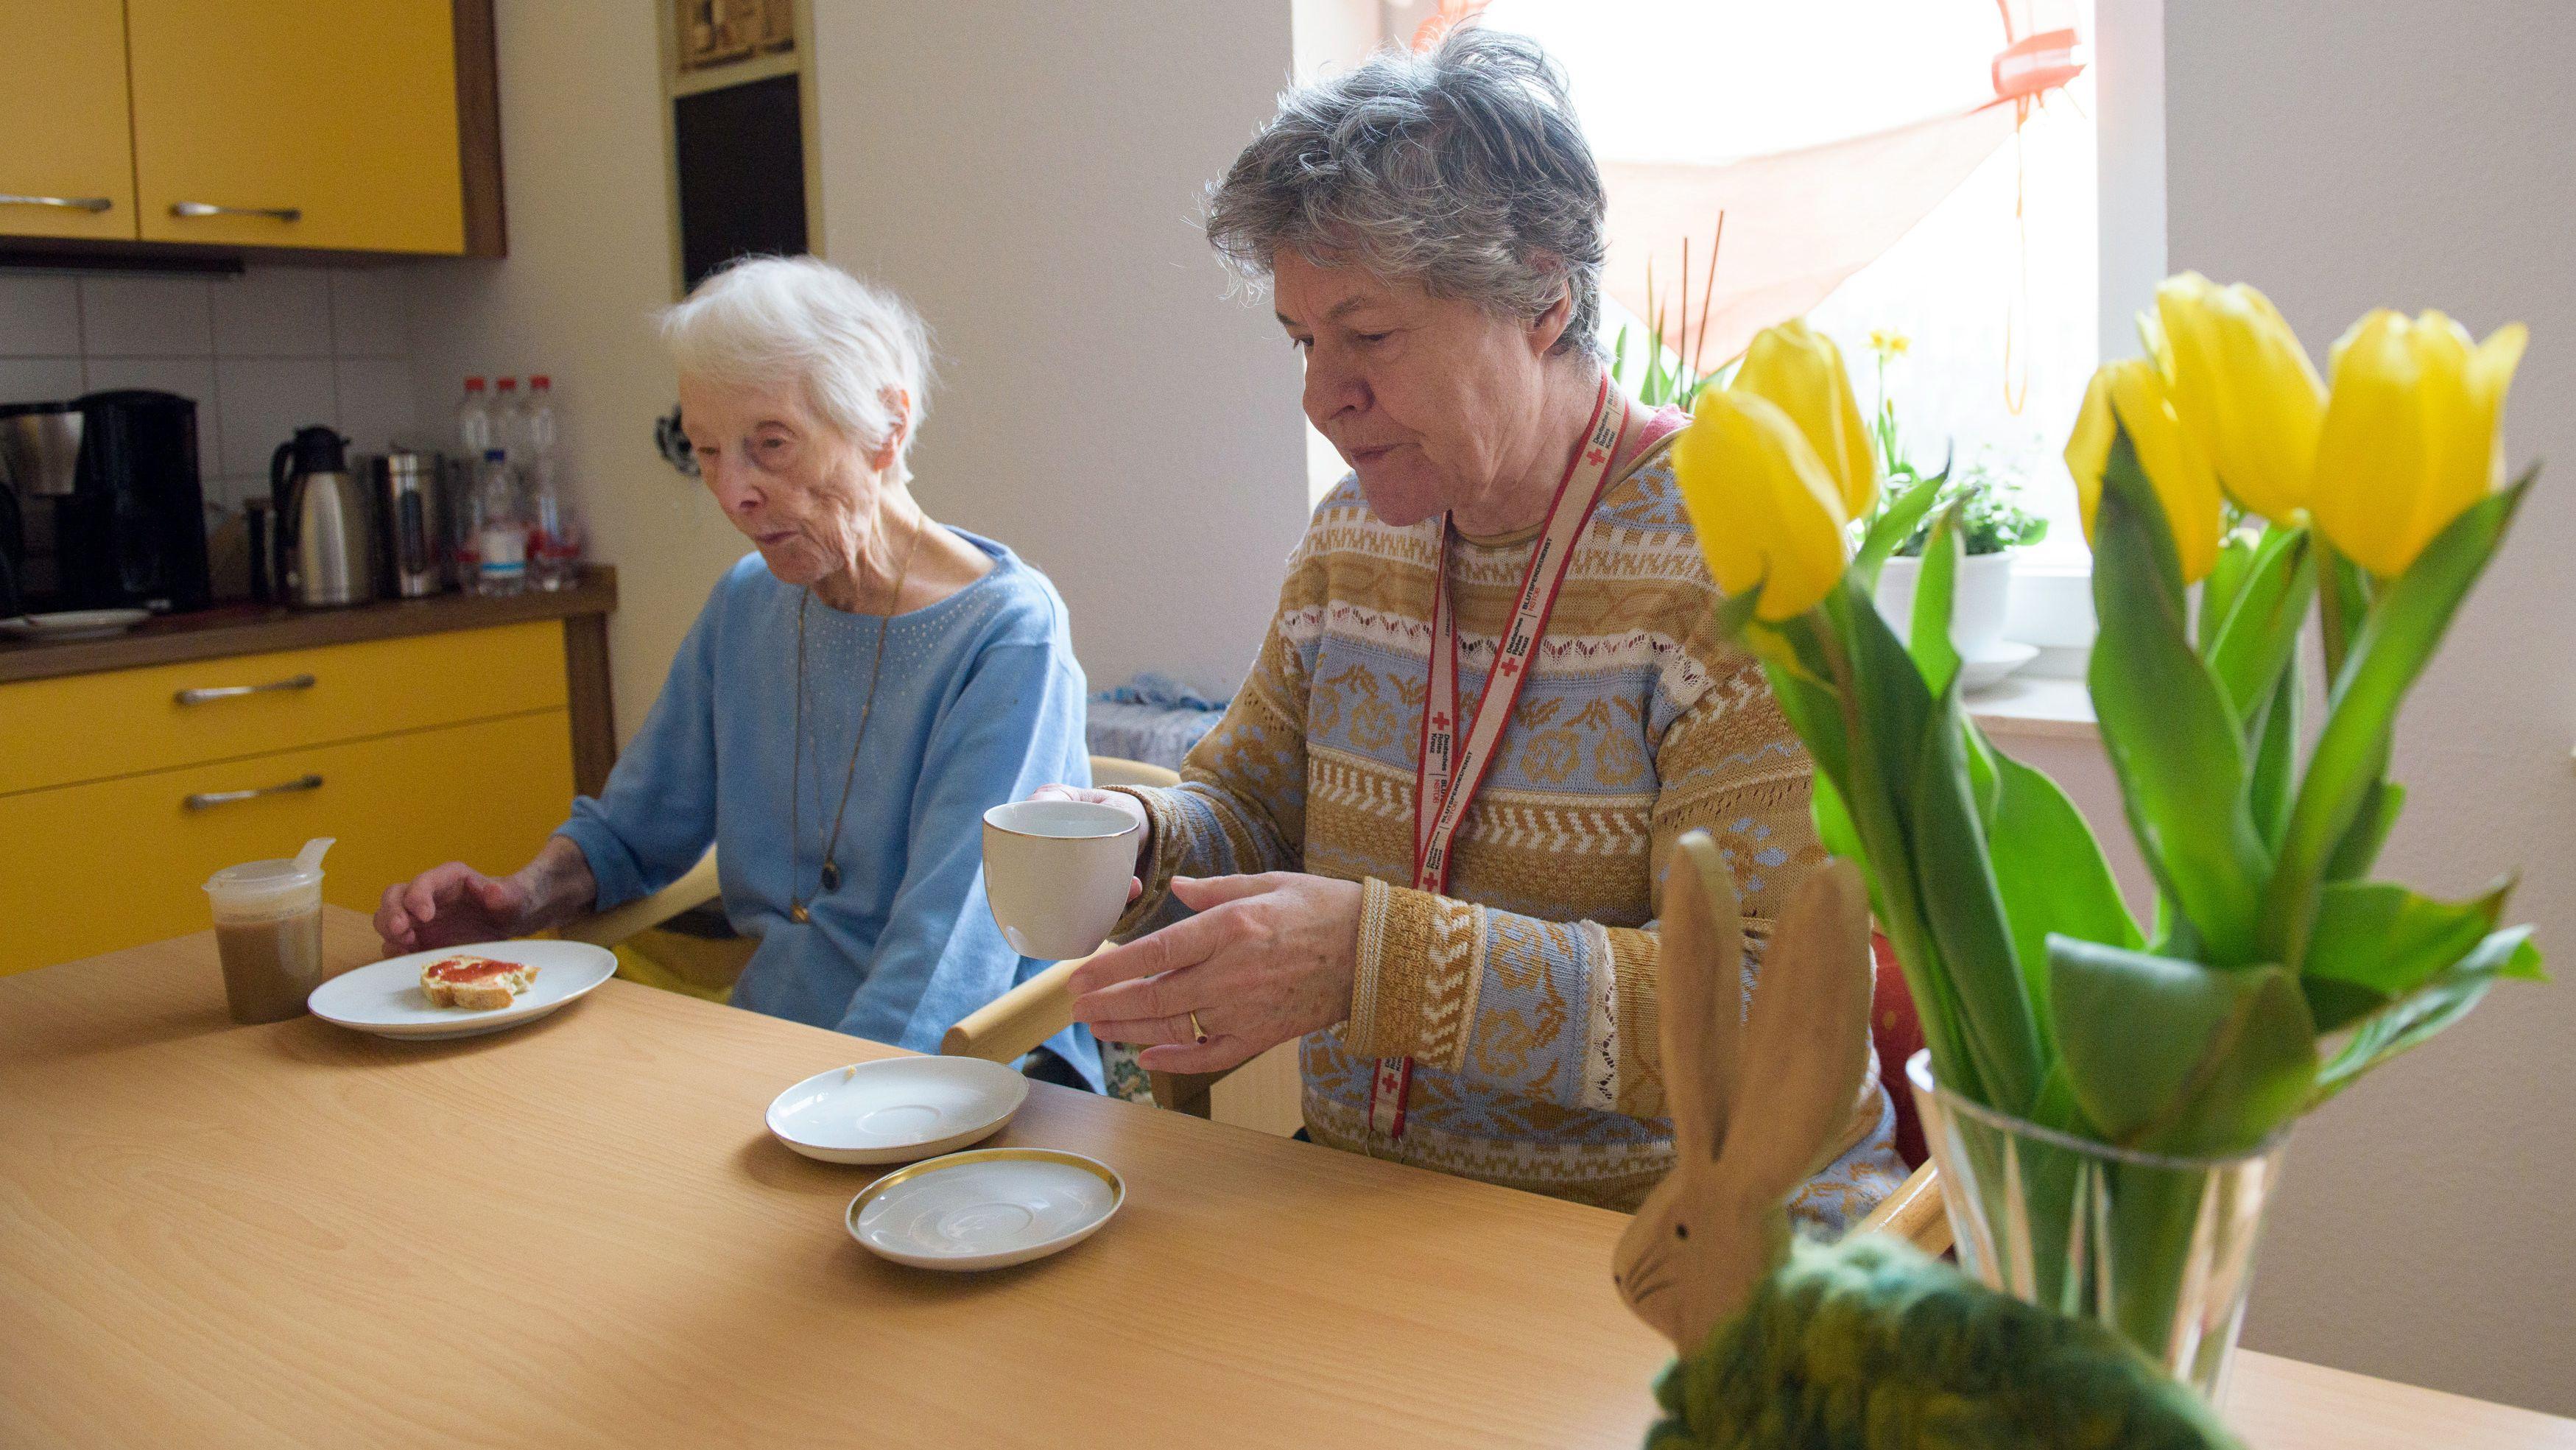 Seniorinnen  in der Wohnküche einer betreuten Wohngemeinschaft.